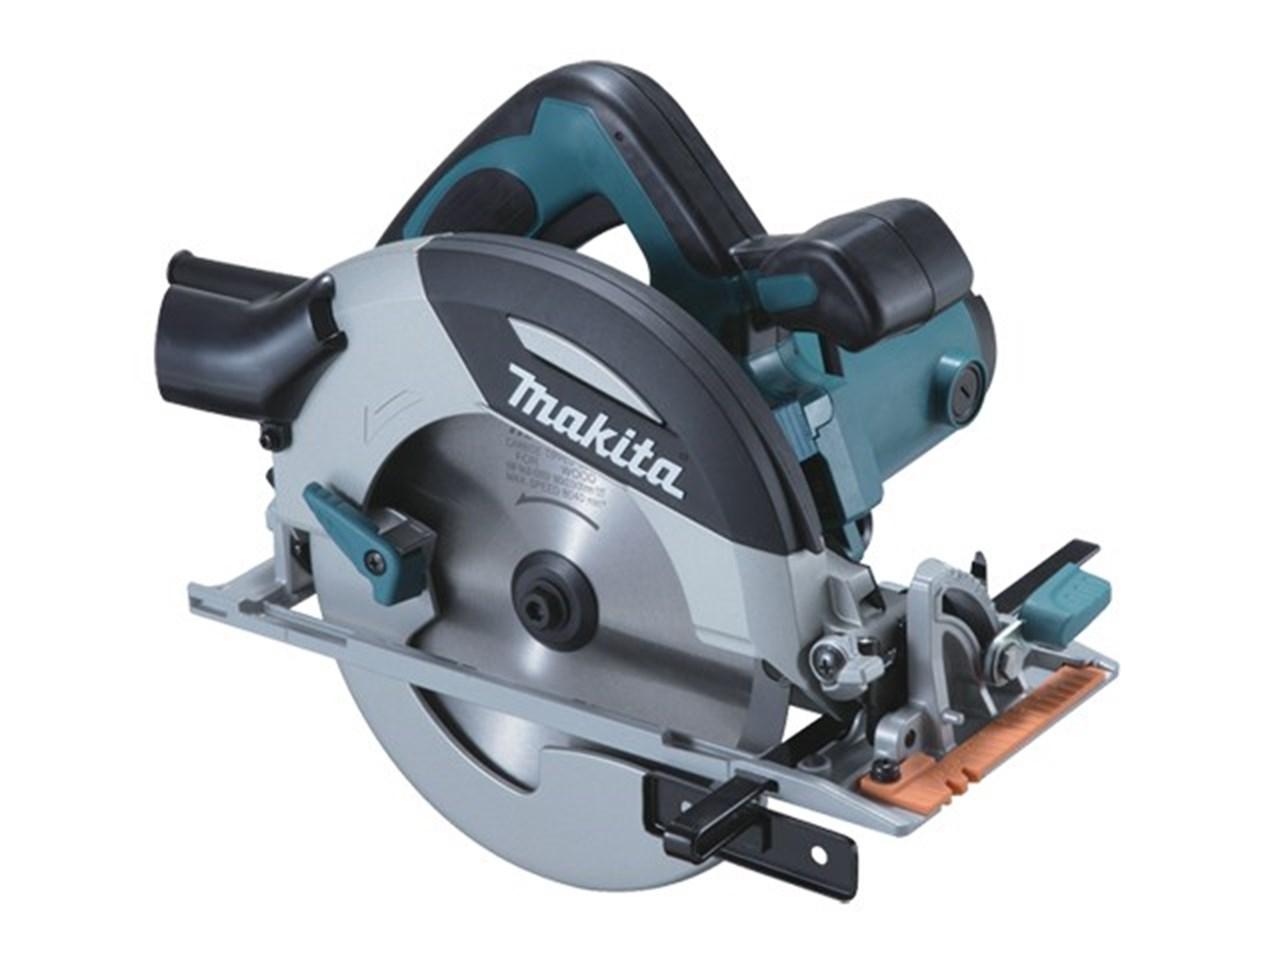 Makita HS7100 110v 190mm Compact Circular Saw